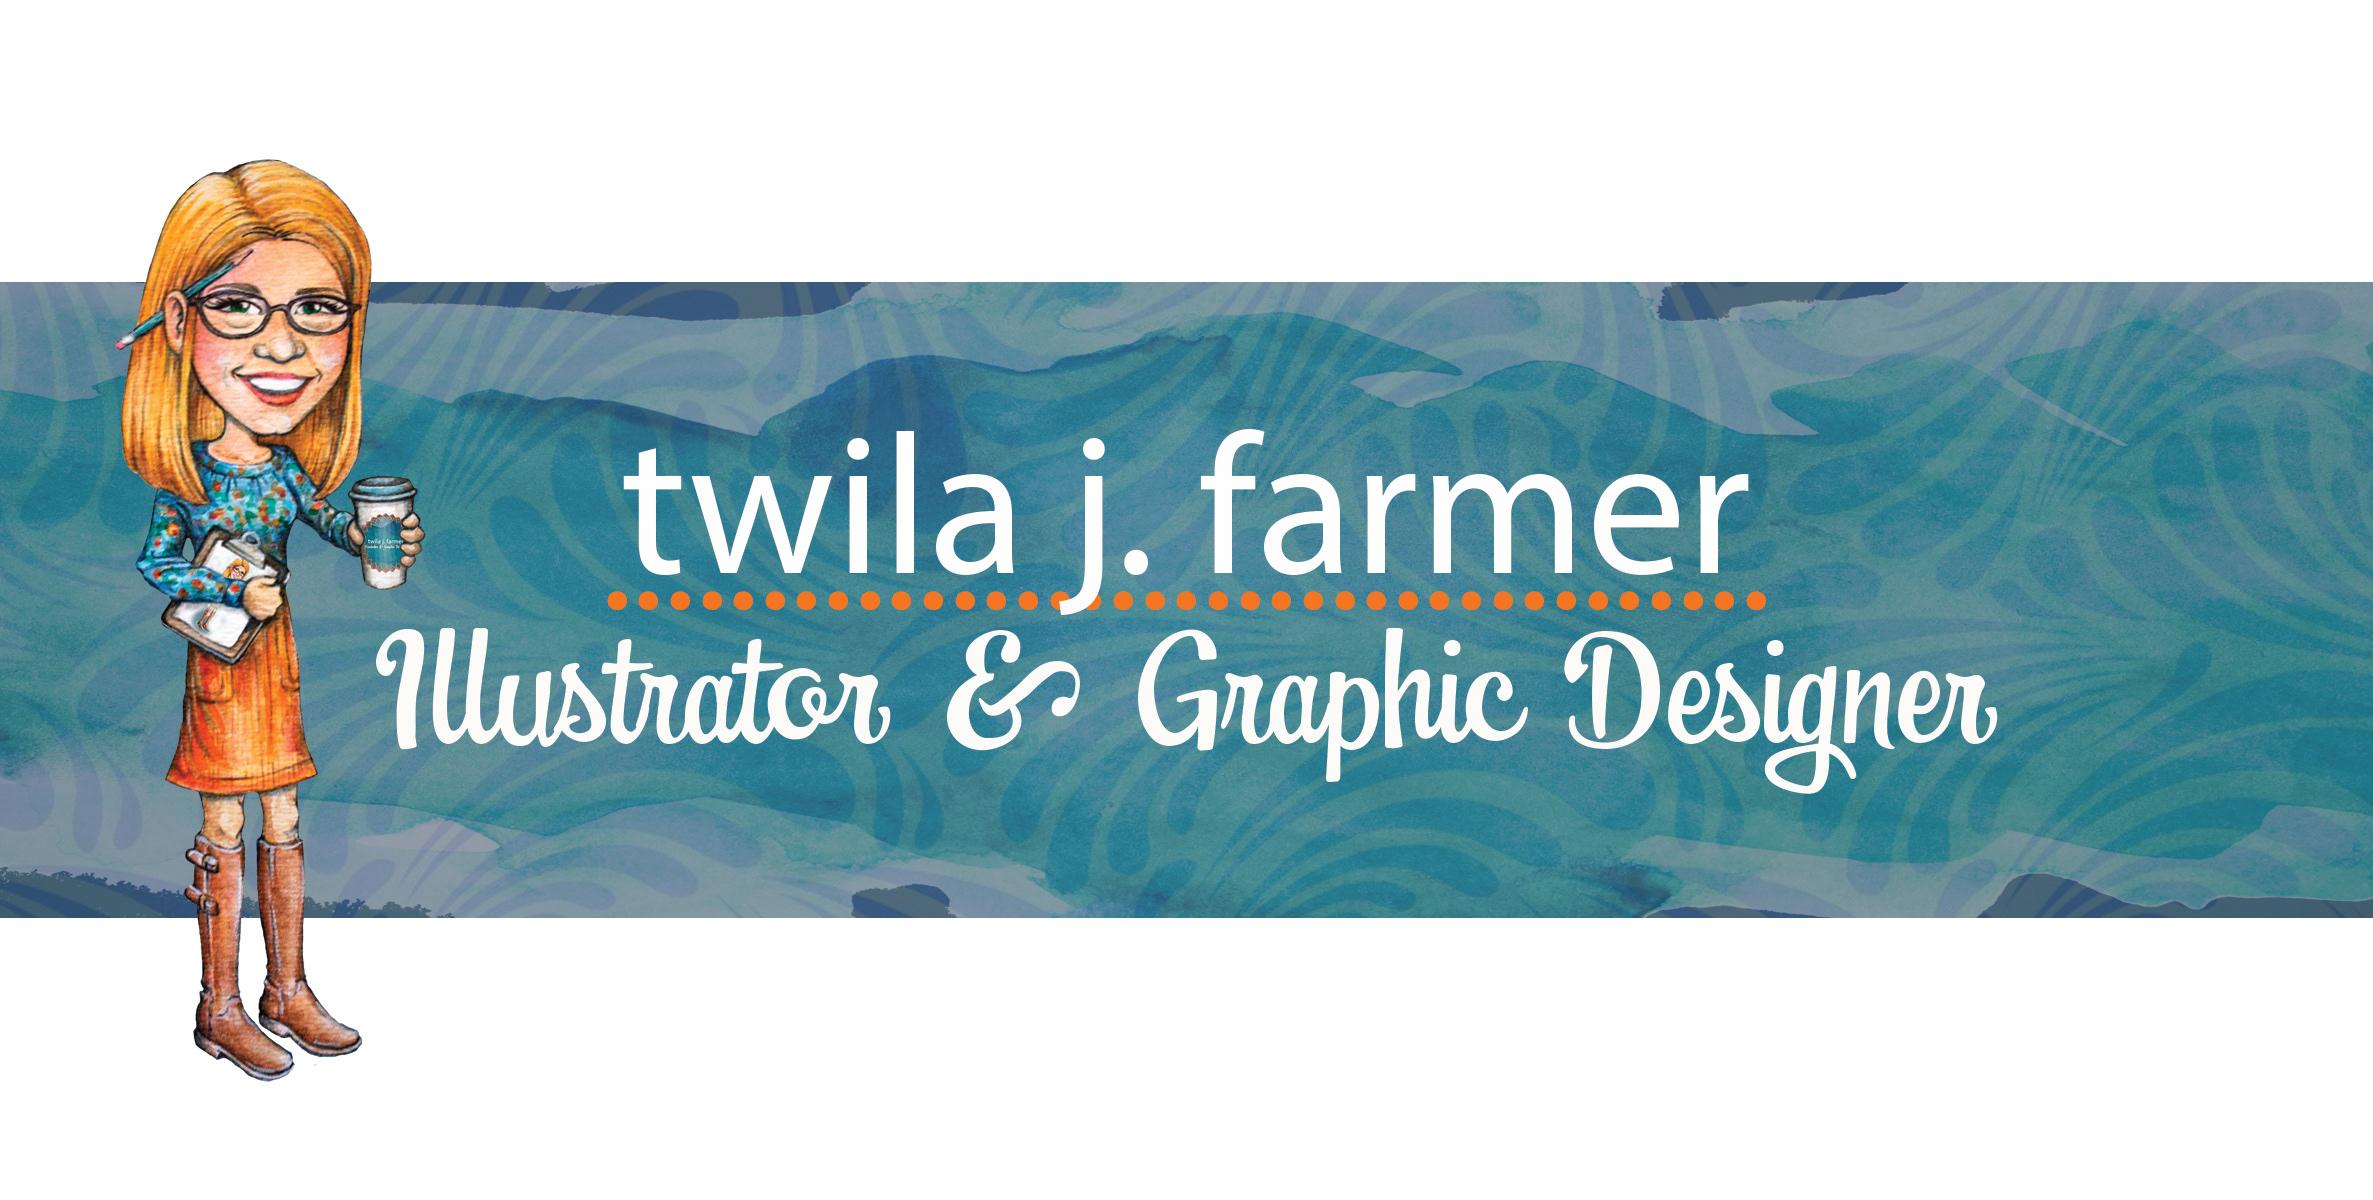 Twila Farmer